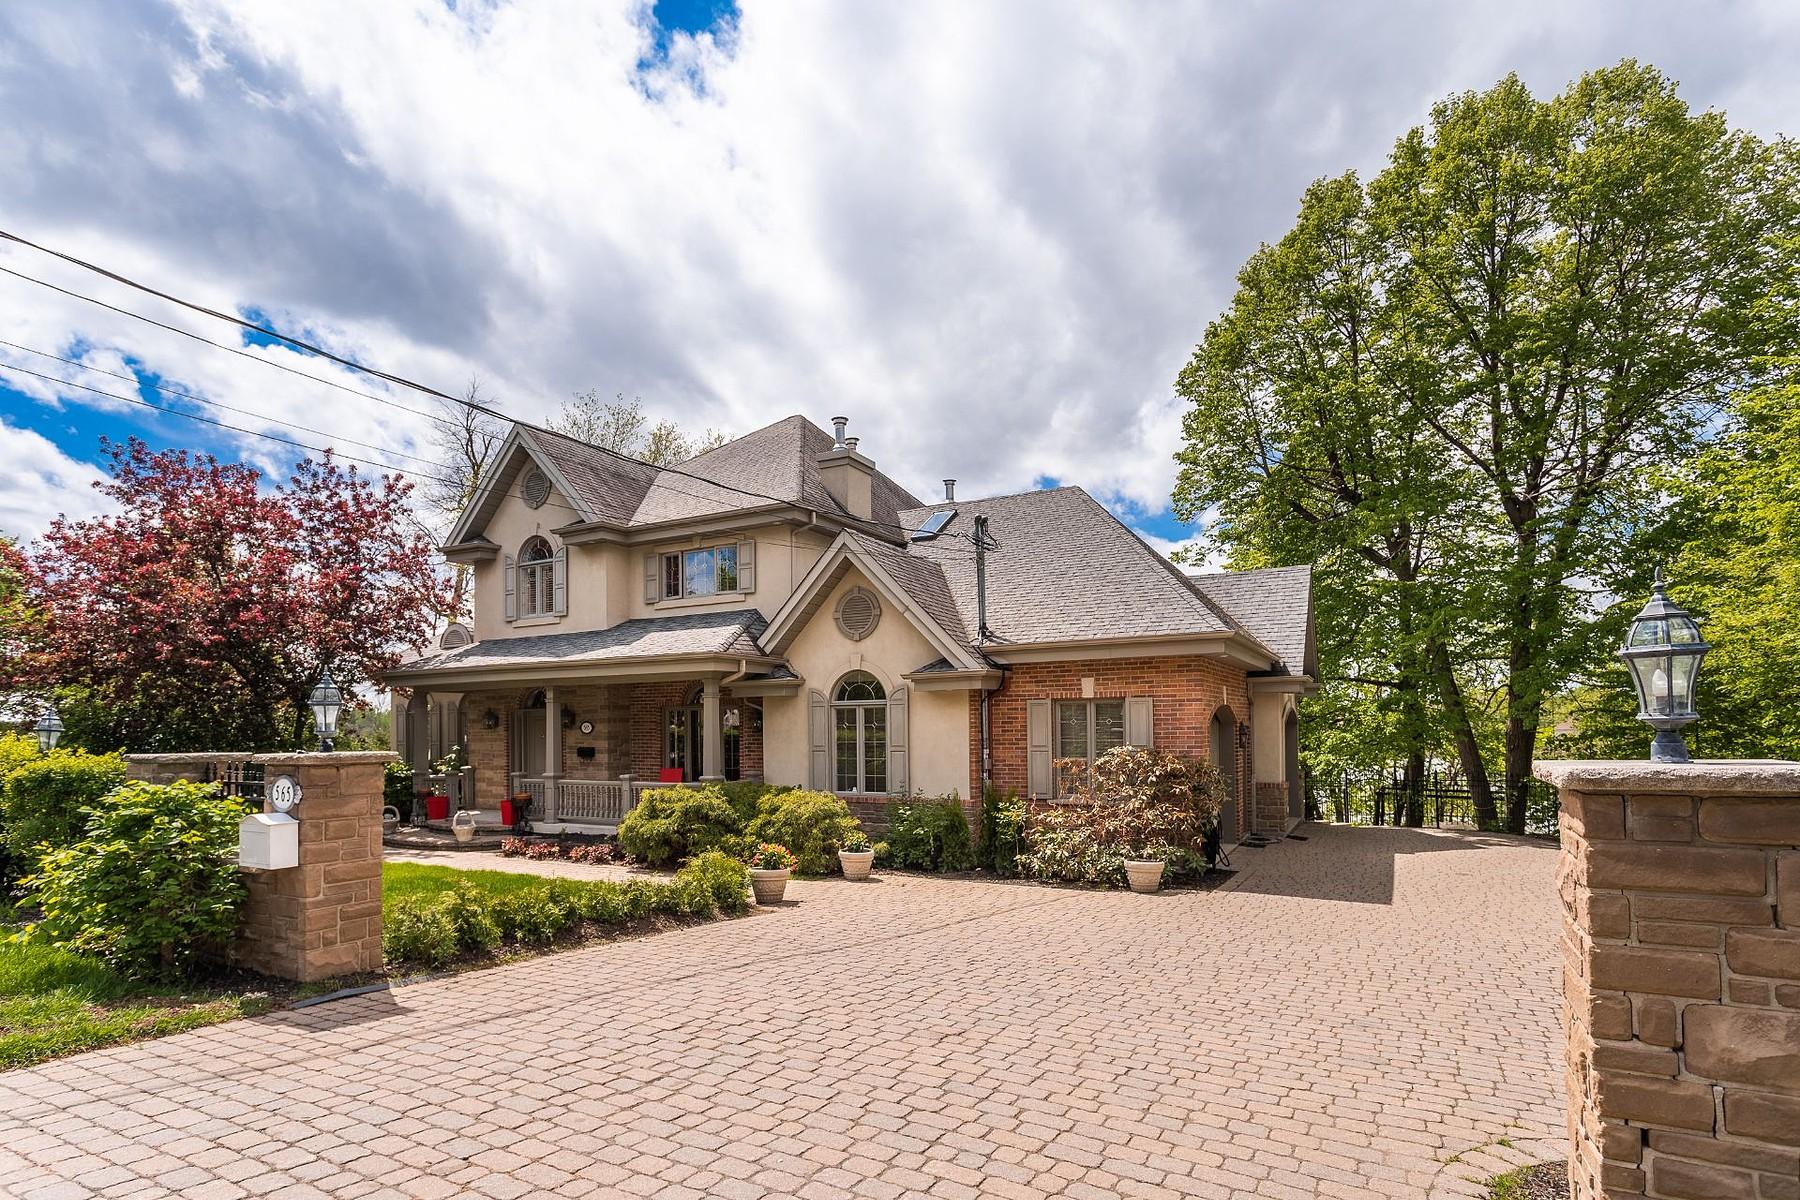 Single Family Homes for Sale at Mont-Saint-Hilaire, Montérégie 565 Ch. des Patriotes N. Mont-Saint-Hilaire, Quebec J3H3H7 Canada